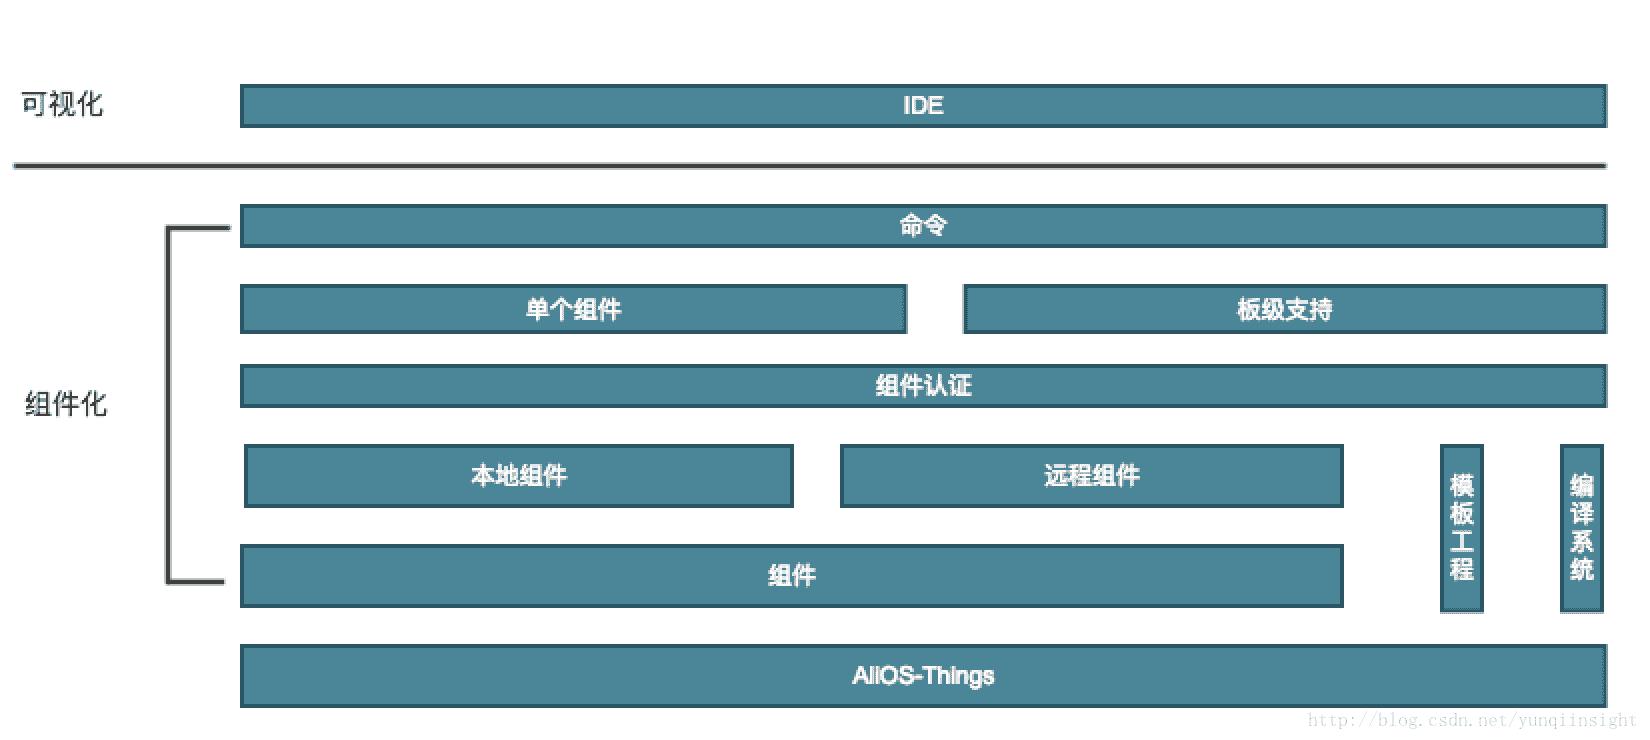 AliOS Things 组件系统(uCube)